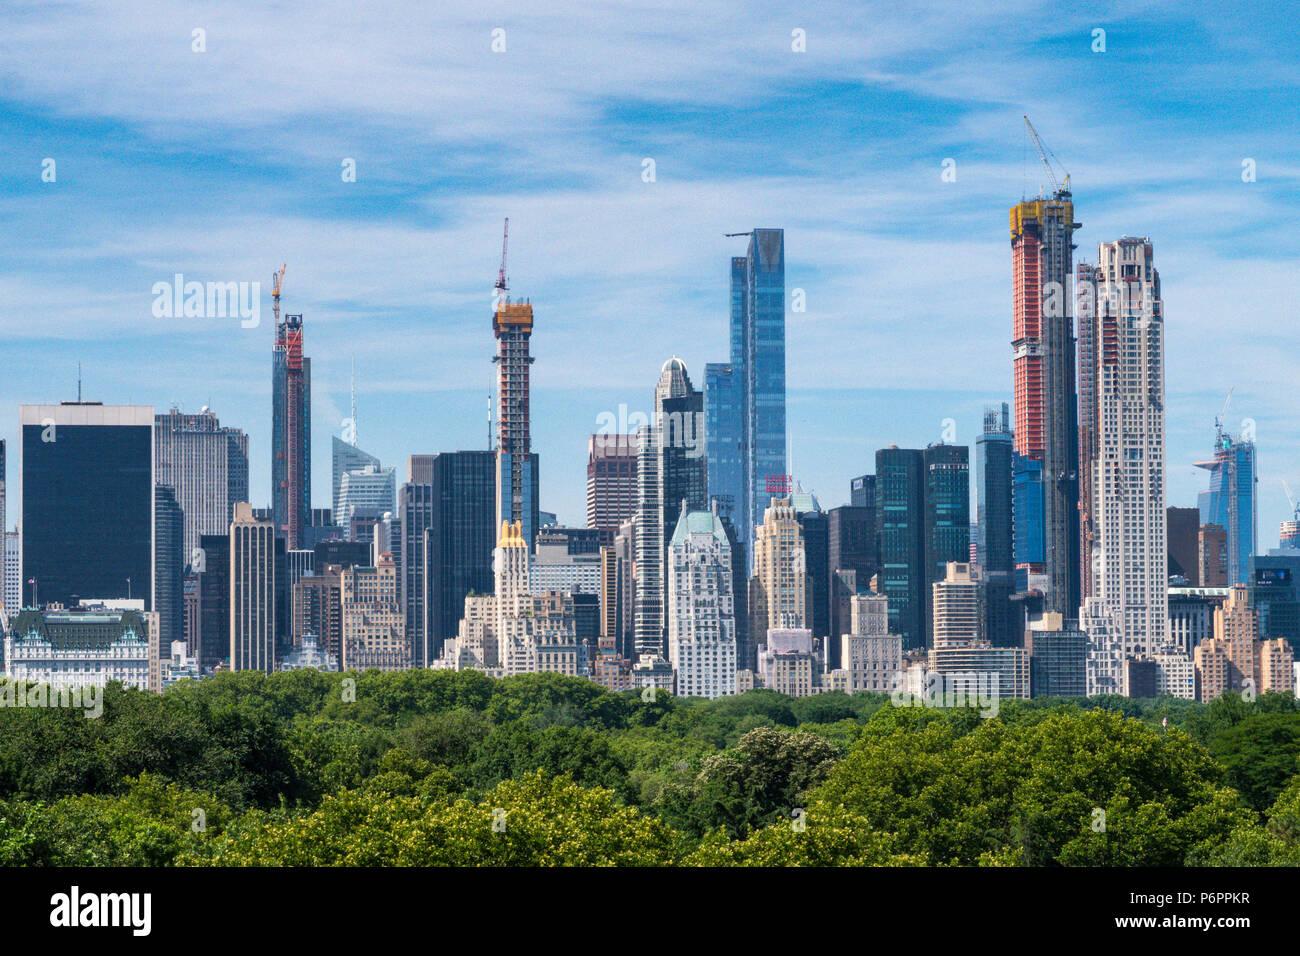 New York skyline della città con il Central Park in primo piano, NYC, STATI UNITI D'AMERICA Immagini Stock